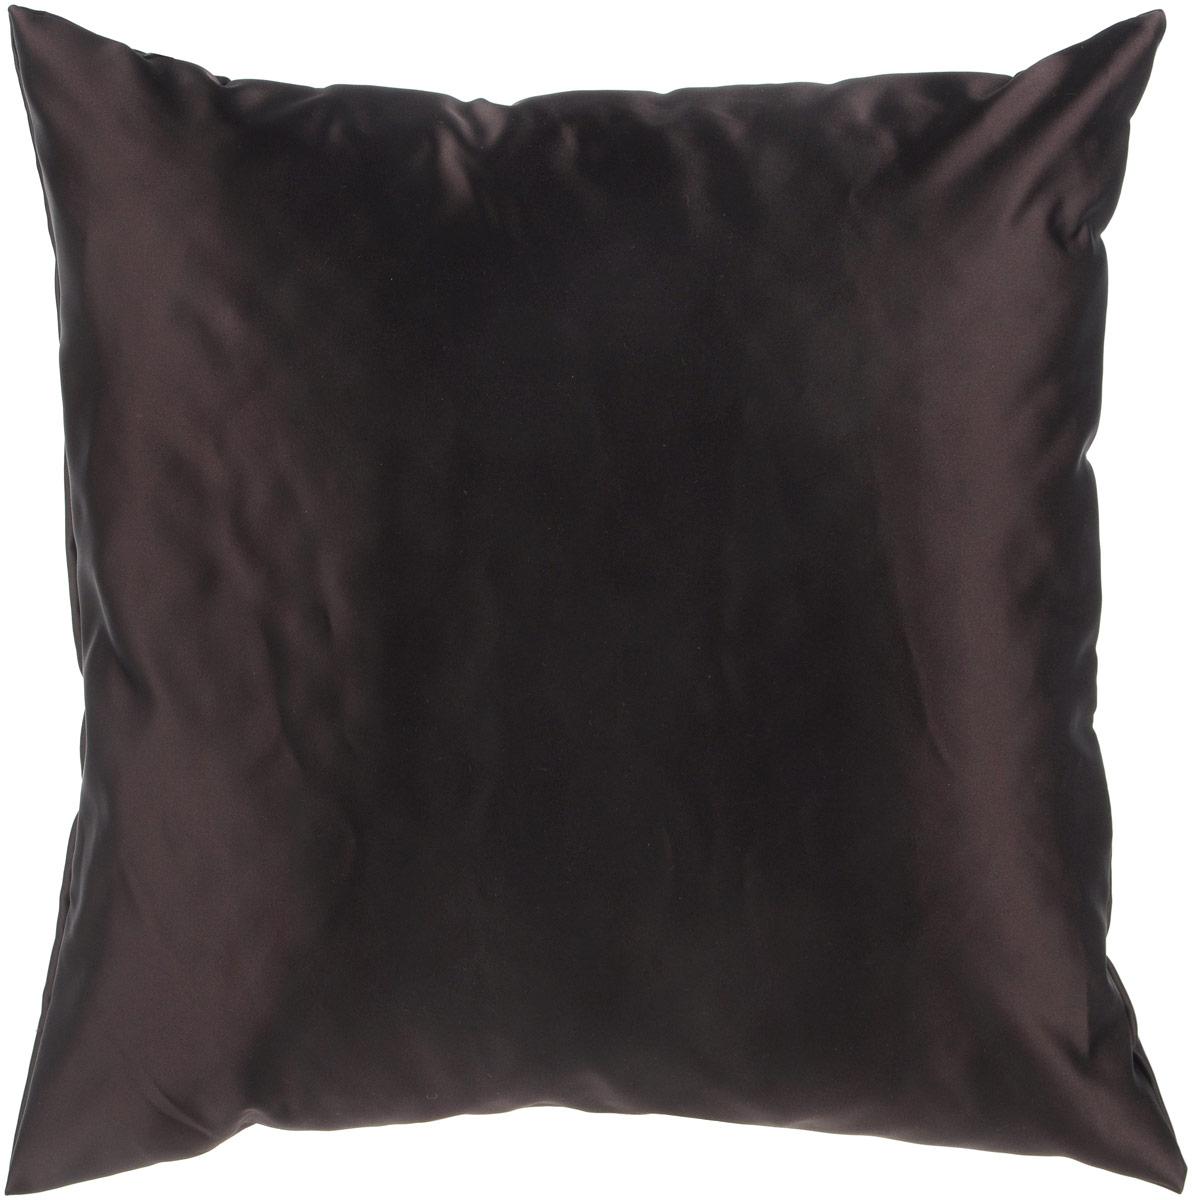 Подушка декоративная KauffOrt Крем, цвет: шоколадный, 40 x 40 смPO.FORT.SДекоративная подушка Крем прекрасно дополнит интерьер спальни или гостиной. Шелковый на ощупь чехол подушки выполнен из прочного полиэстера. Внутри находится мягкий наполнитель. Чехол легко снимается благодаря потайной молнии.Красивая подушка создаст атмосферу уюта и комфорта в спальне и станет прекрасным элементом декора.